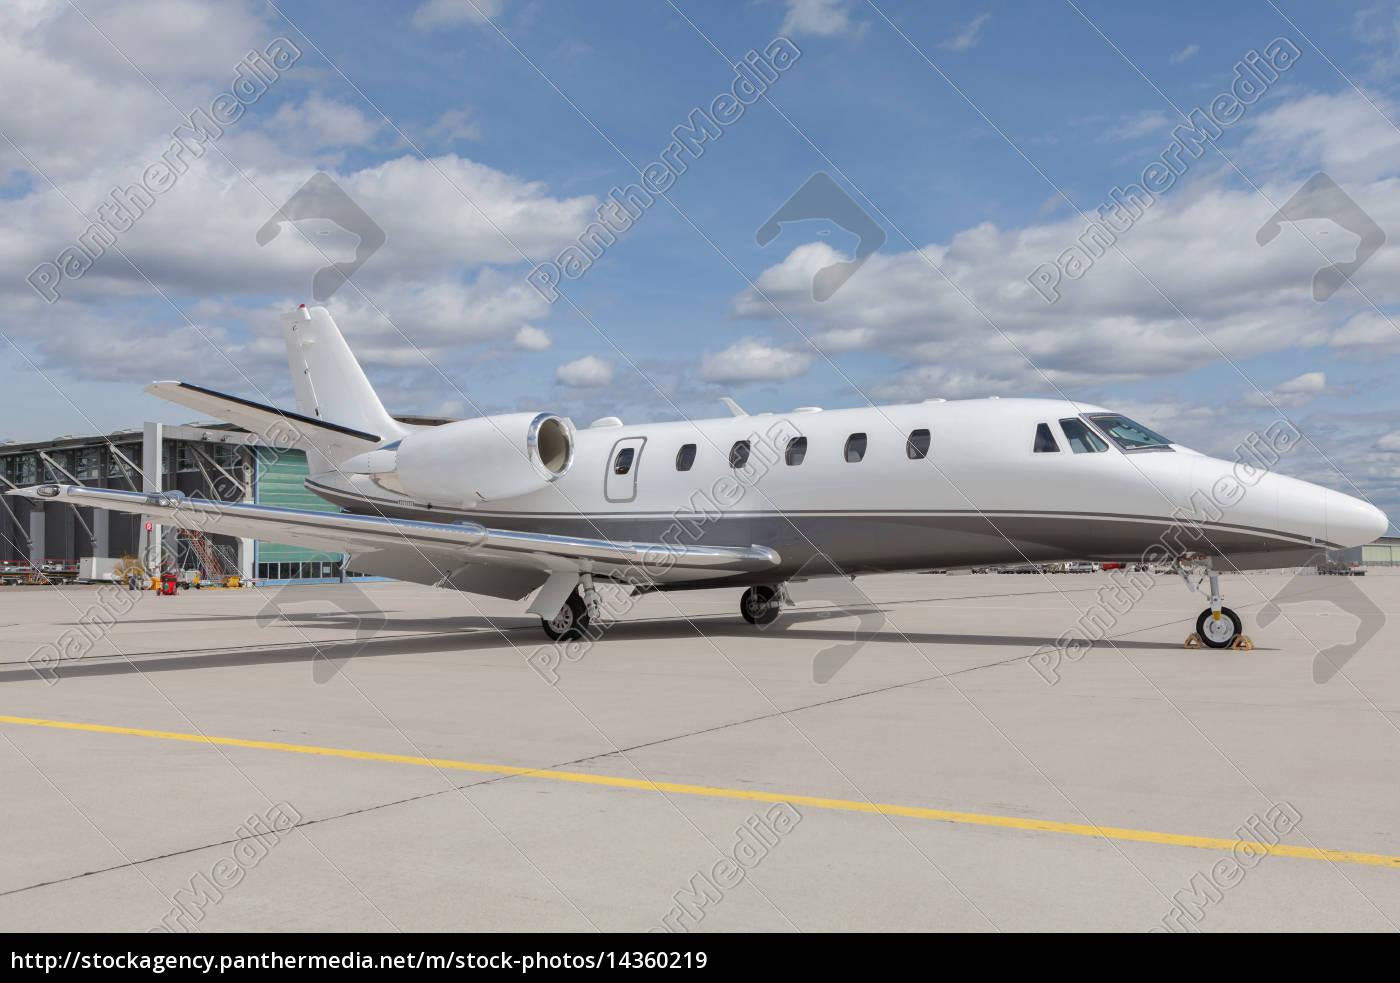 flugzeug privatjet auf dem rollfeld vor dem hangar lizenzfreies bild 14360219 bildagentur. Black Bedroom Furniture Sets. Home Design Ideas